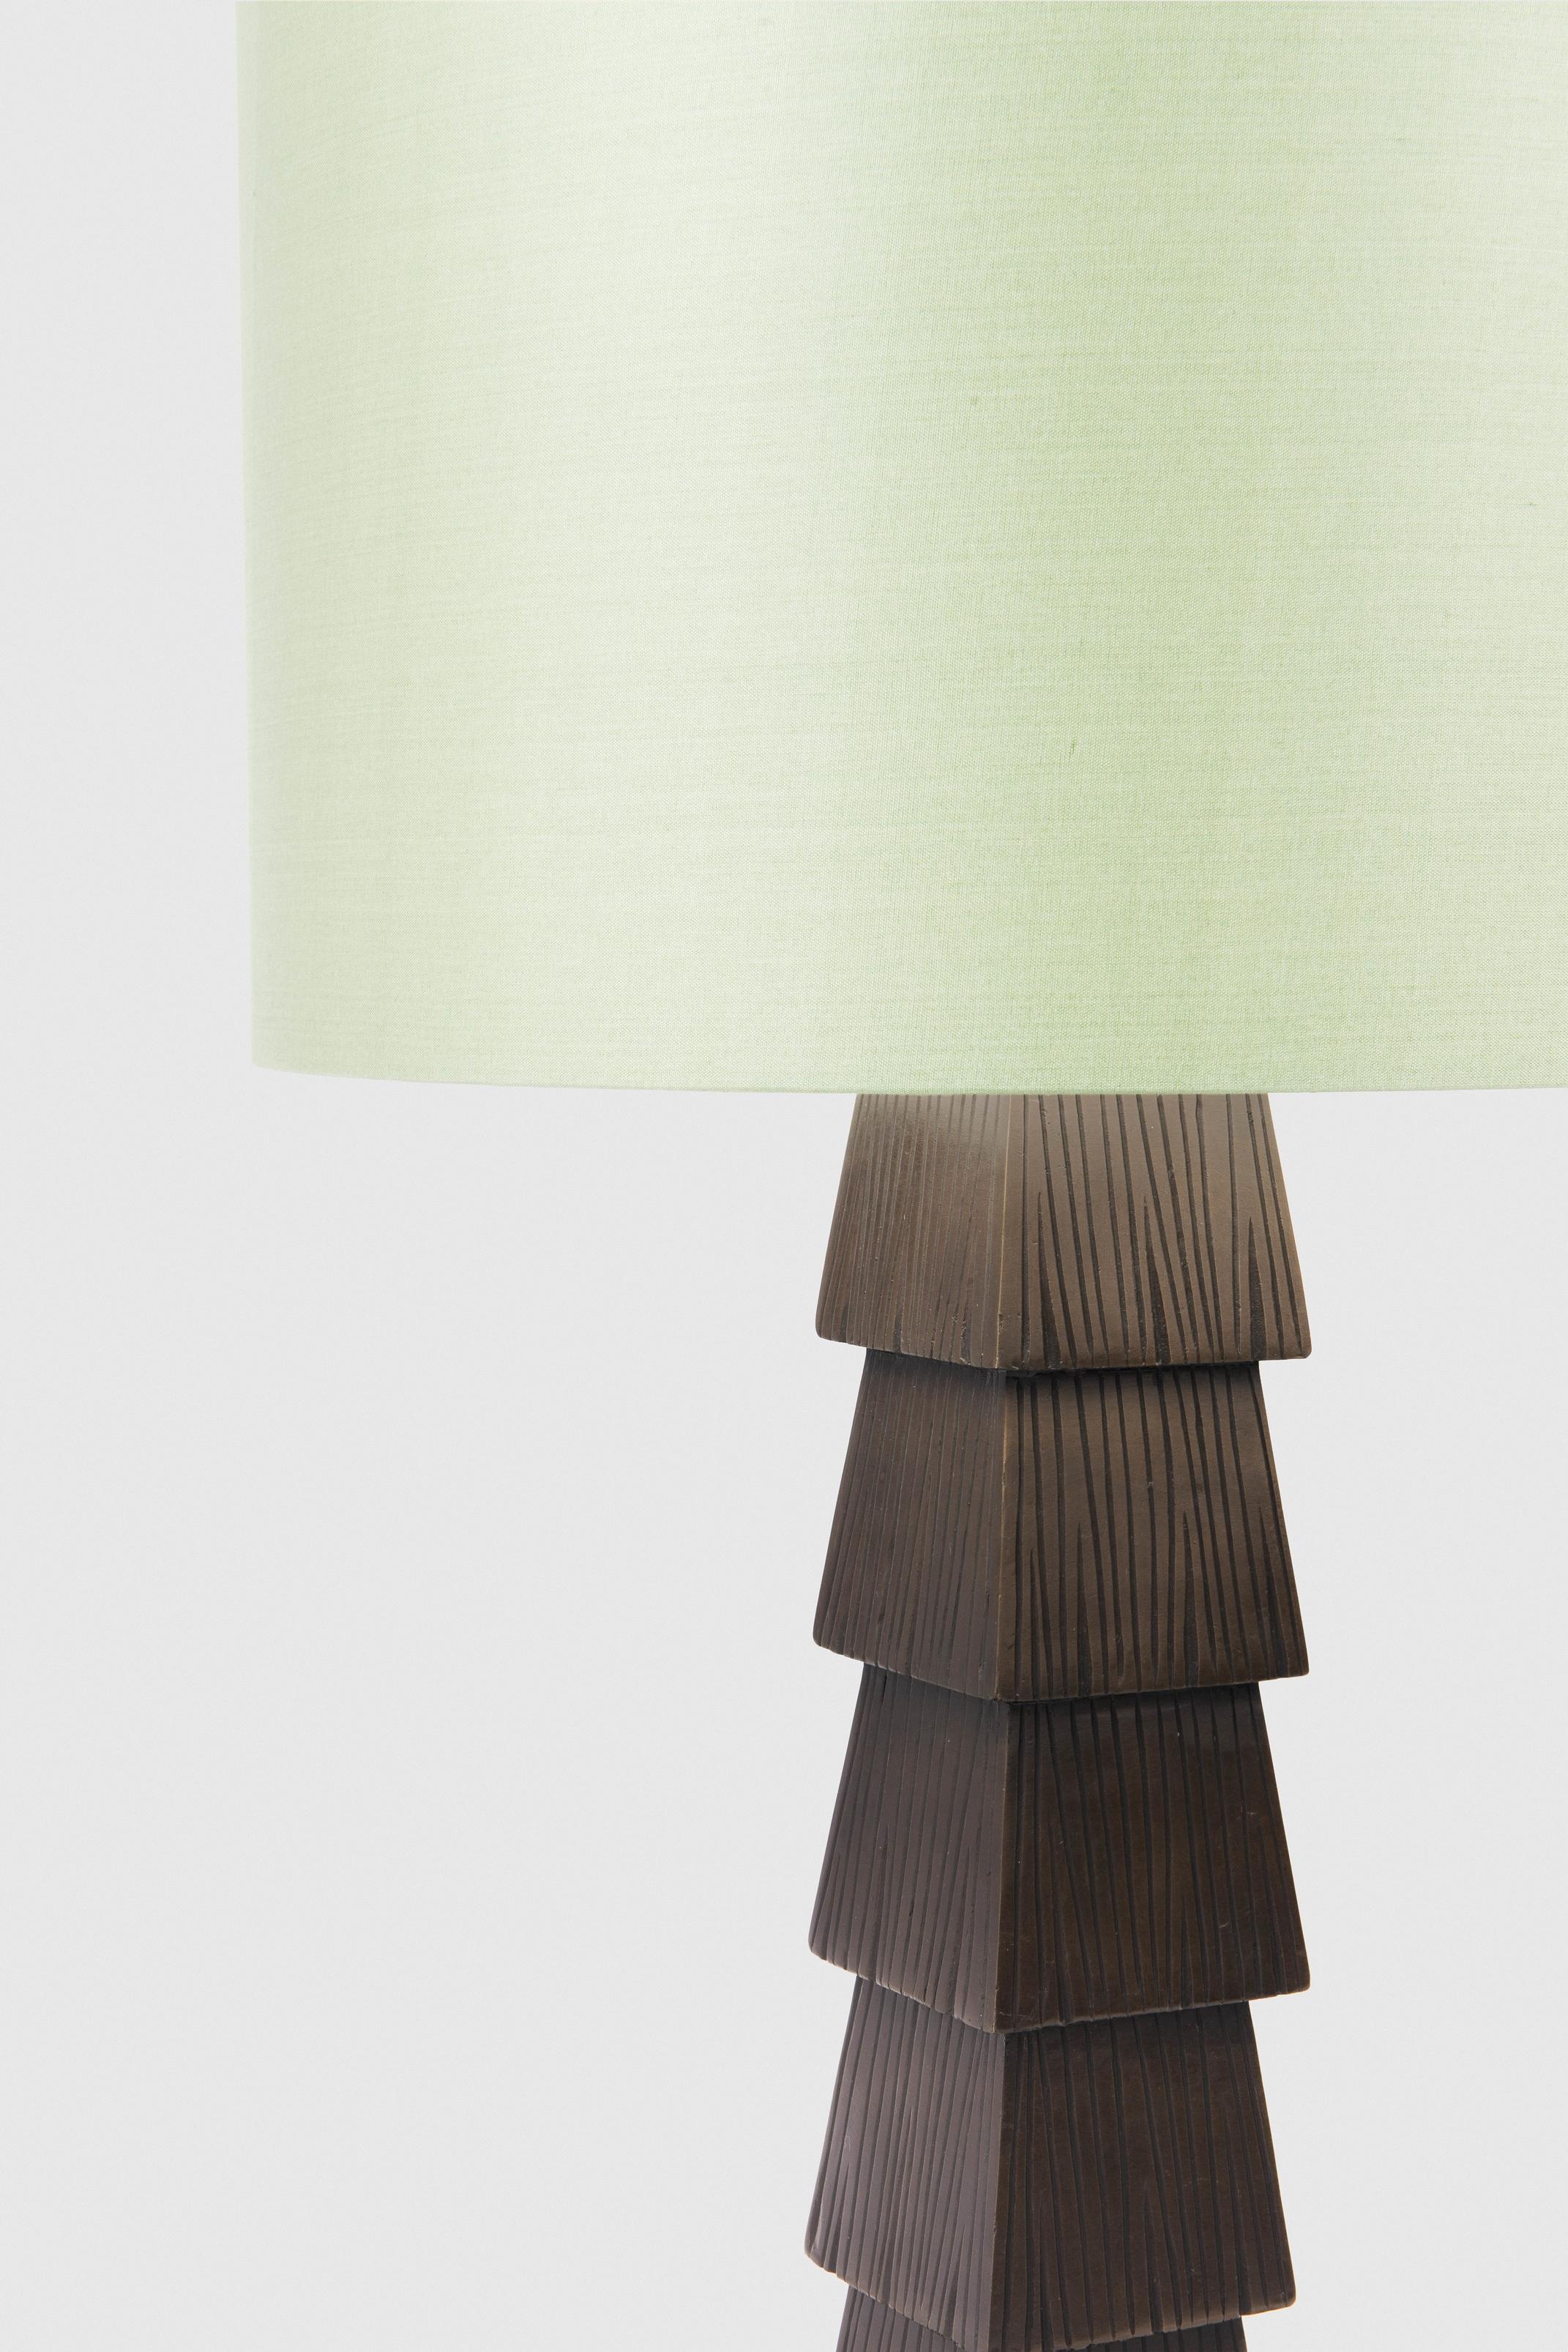 Lulu table lamp detail...jpg